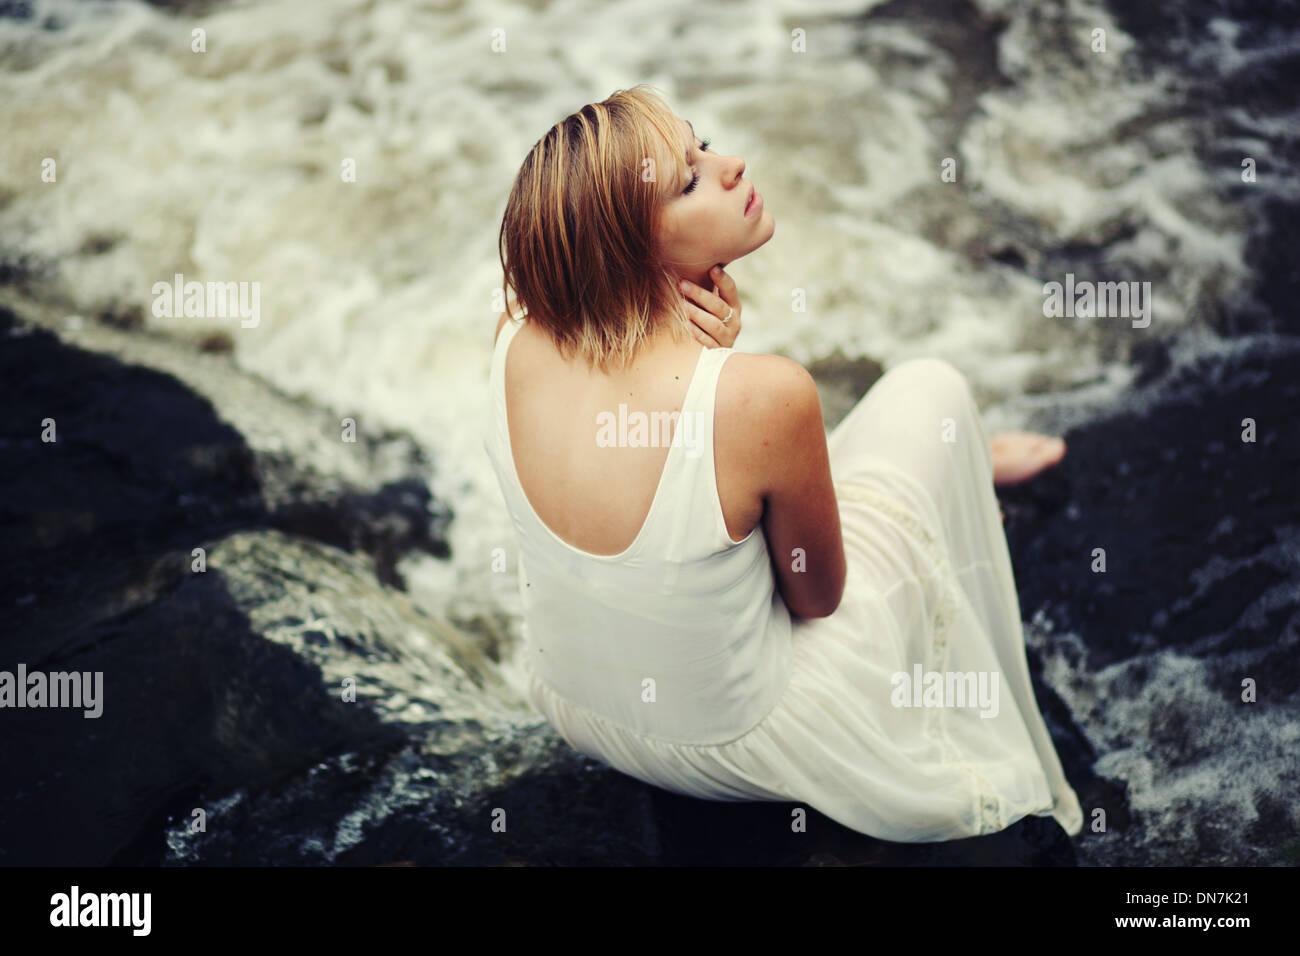 Mujer joven en vestido blanco sentado sobre un arroyo Imagen De Stock